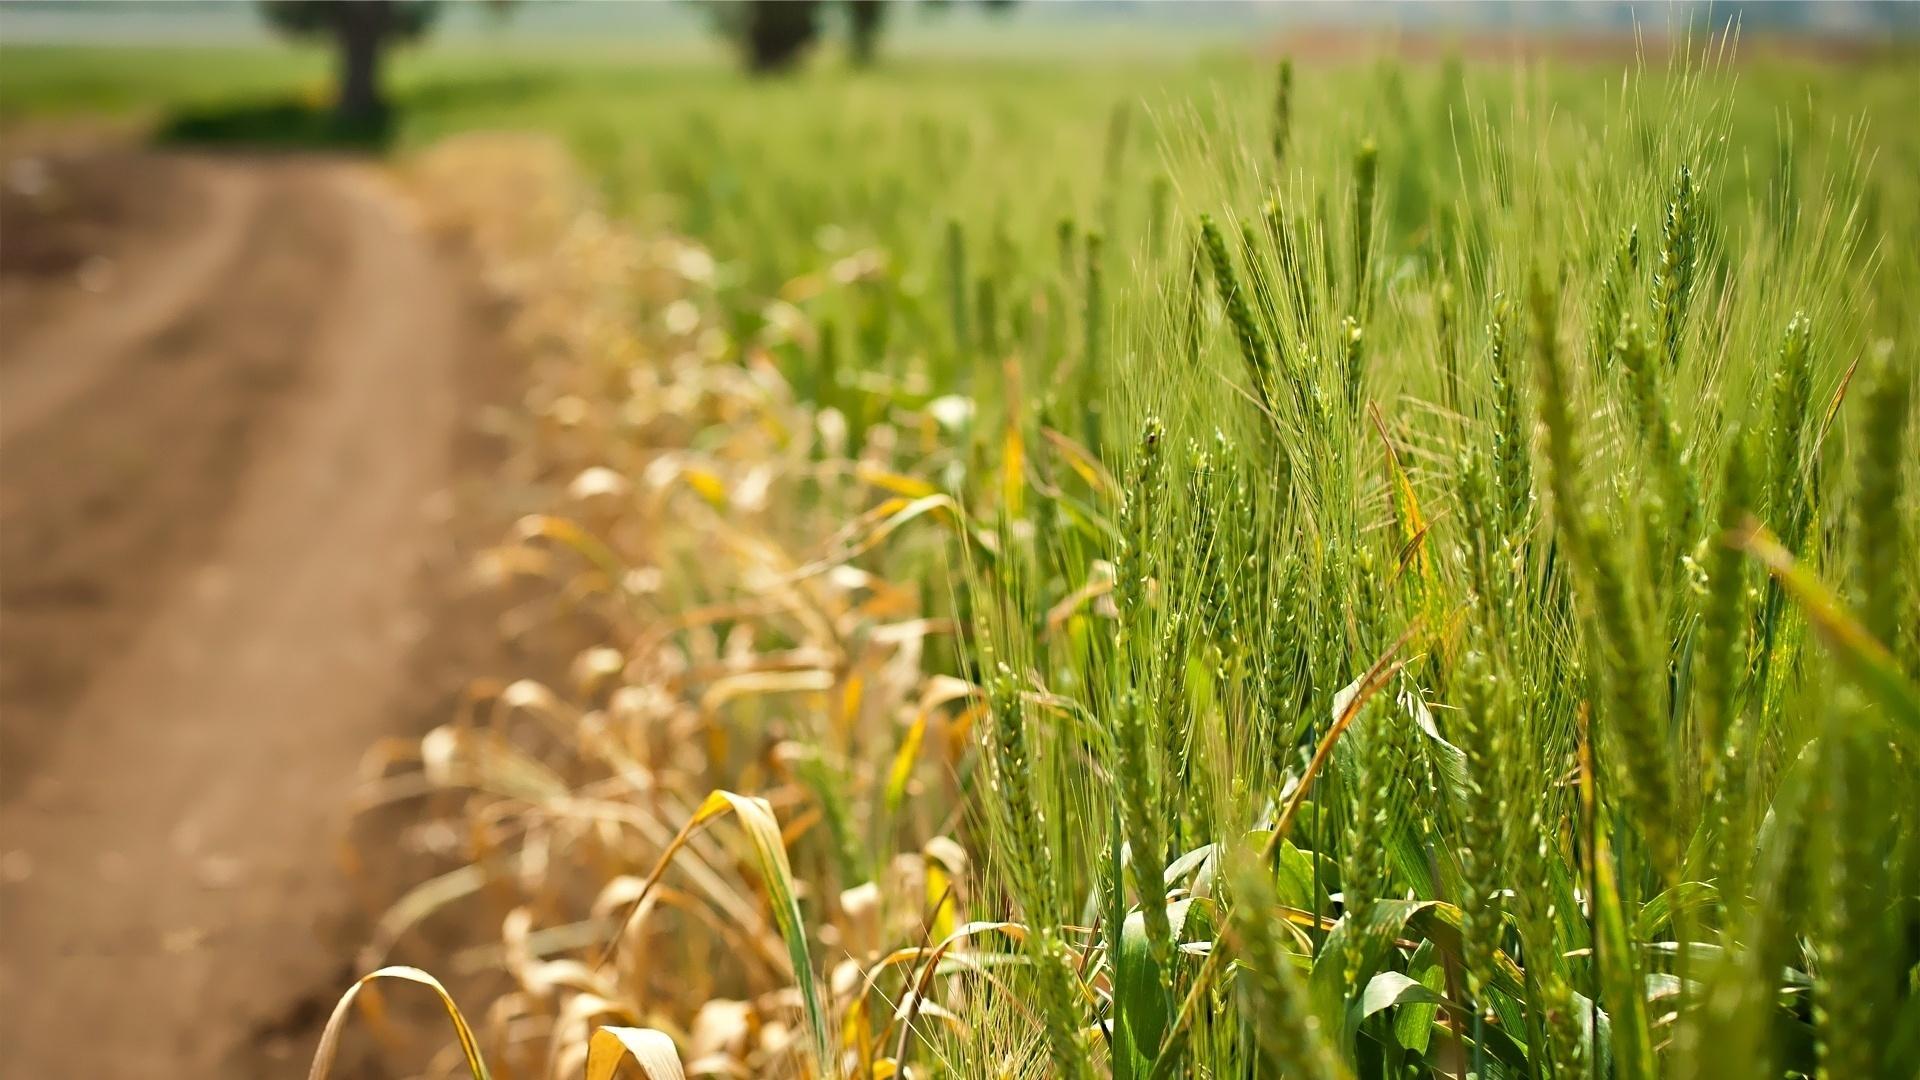 Подруге гиф, картинки лето поле пшеницы